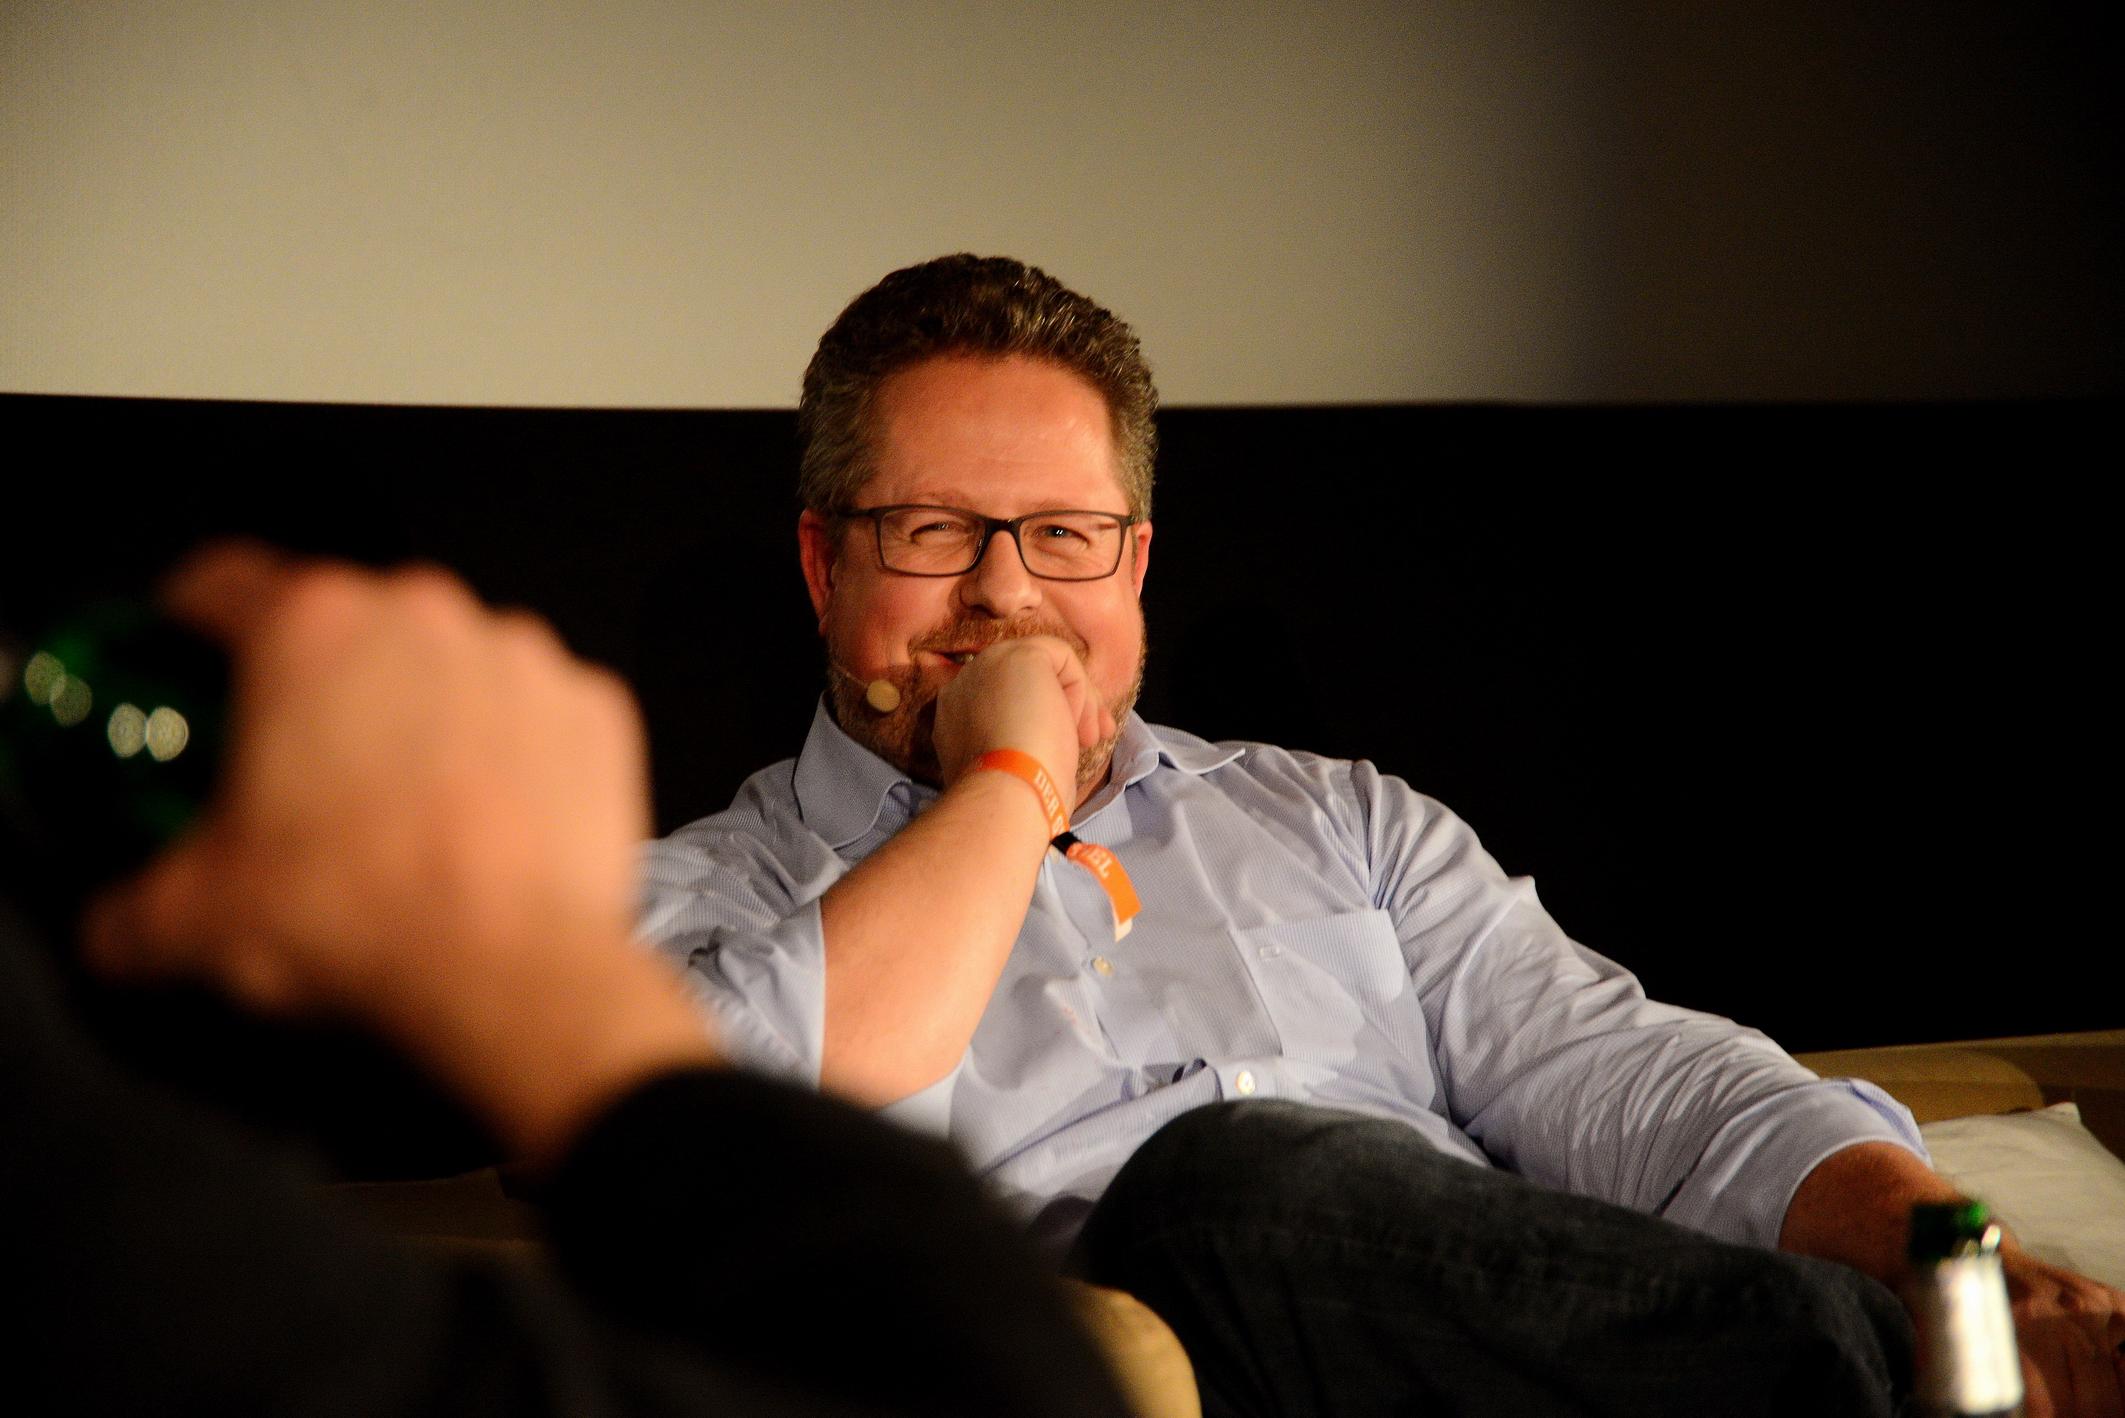 Foto: Michael B. Rehders Überzeugte durch seine überaus kompetenten Antworten, Jesper Doub, Geschäftsführer von SPIEGEL Online und zusätzlich Verlagsleiter des SPIEGEL-Verlags.